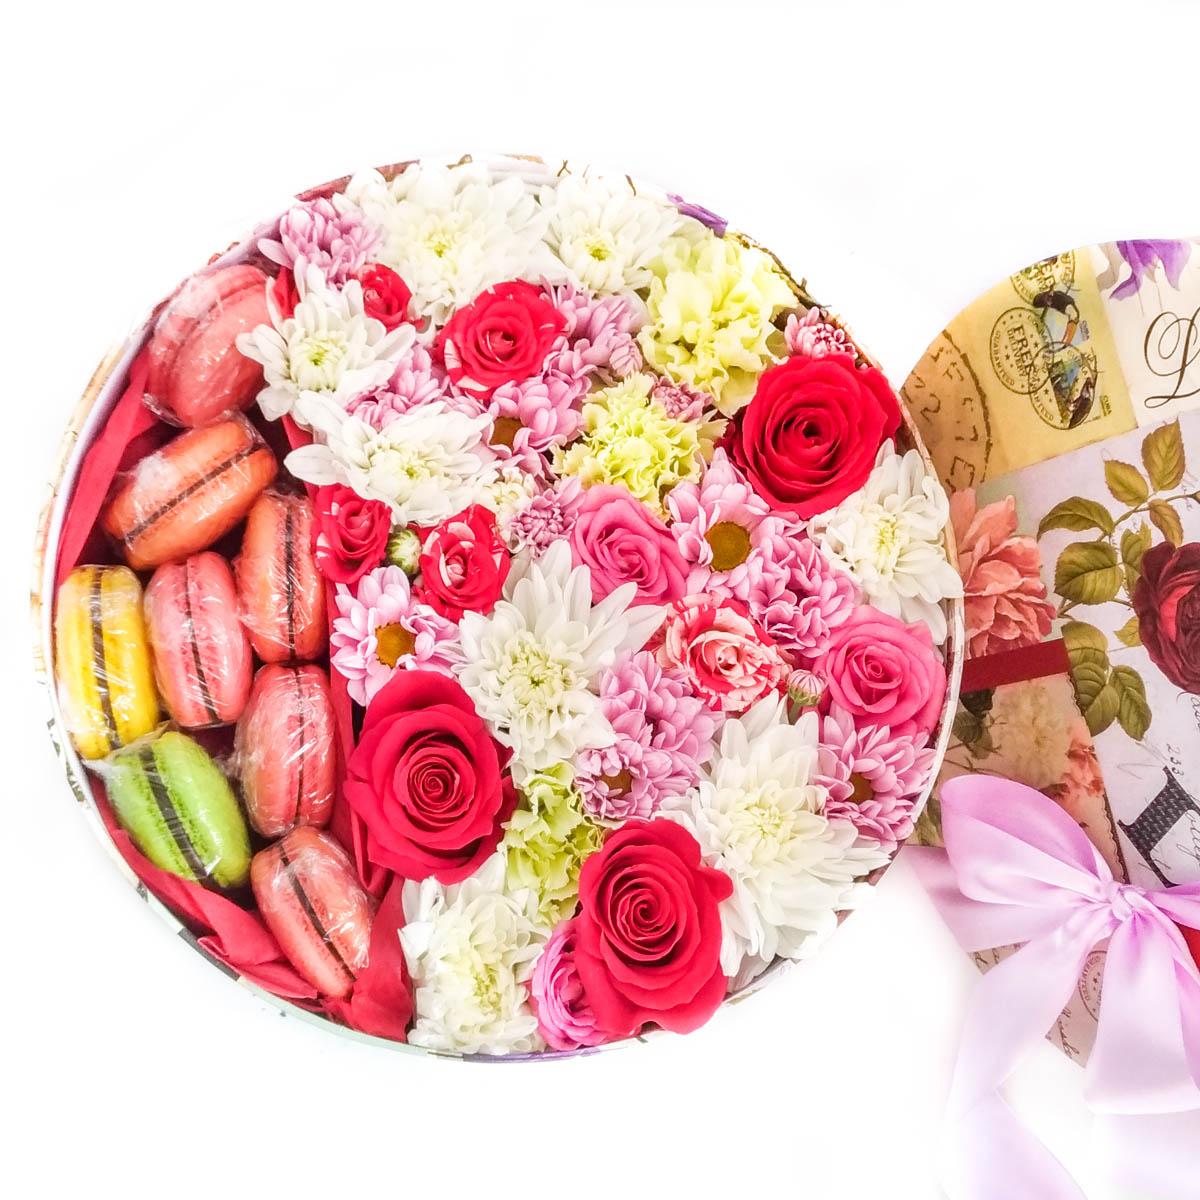 Доставка цветов в новосибирске цена, корзины композиции тюльпанов